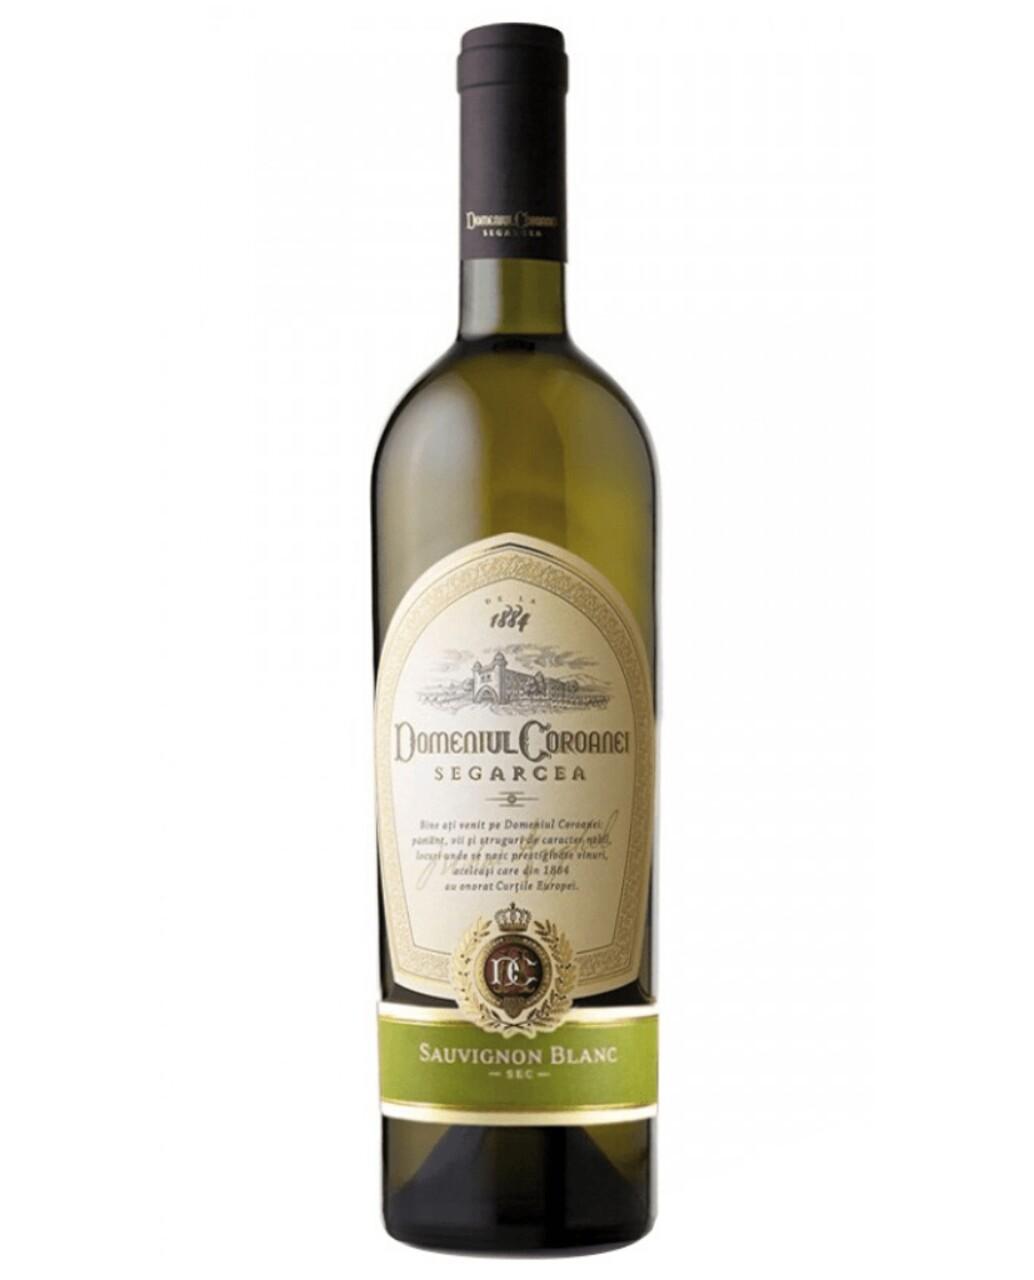 Domeniul Coroanei Segarcea Elite Sauvignon Blanc